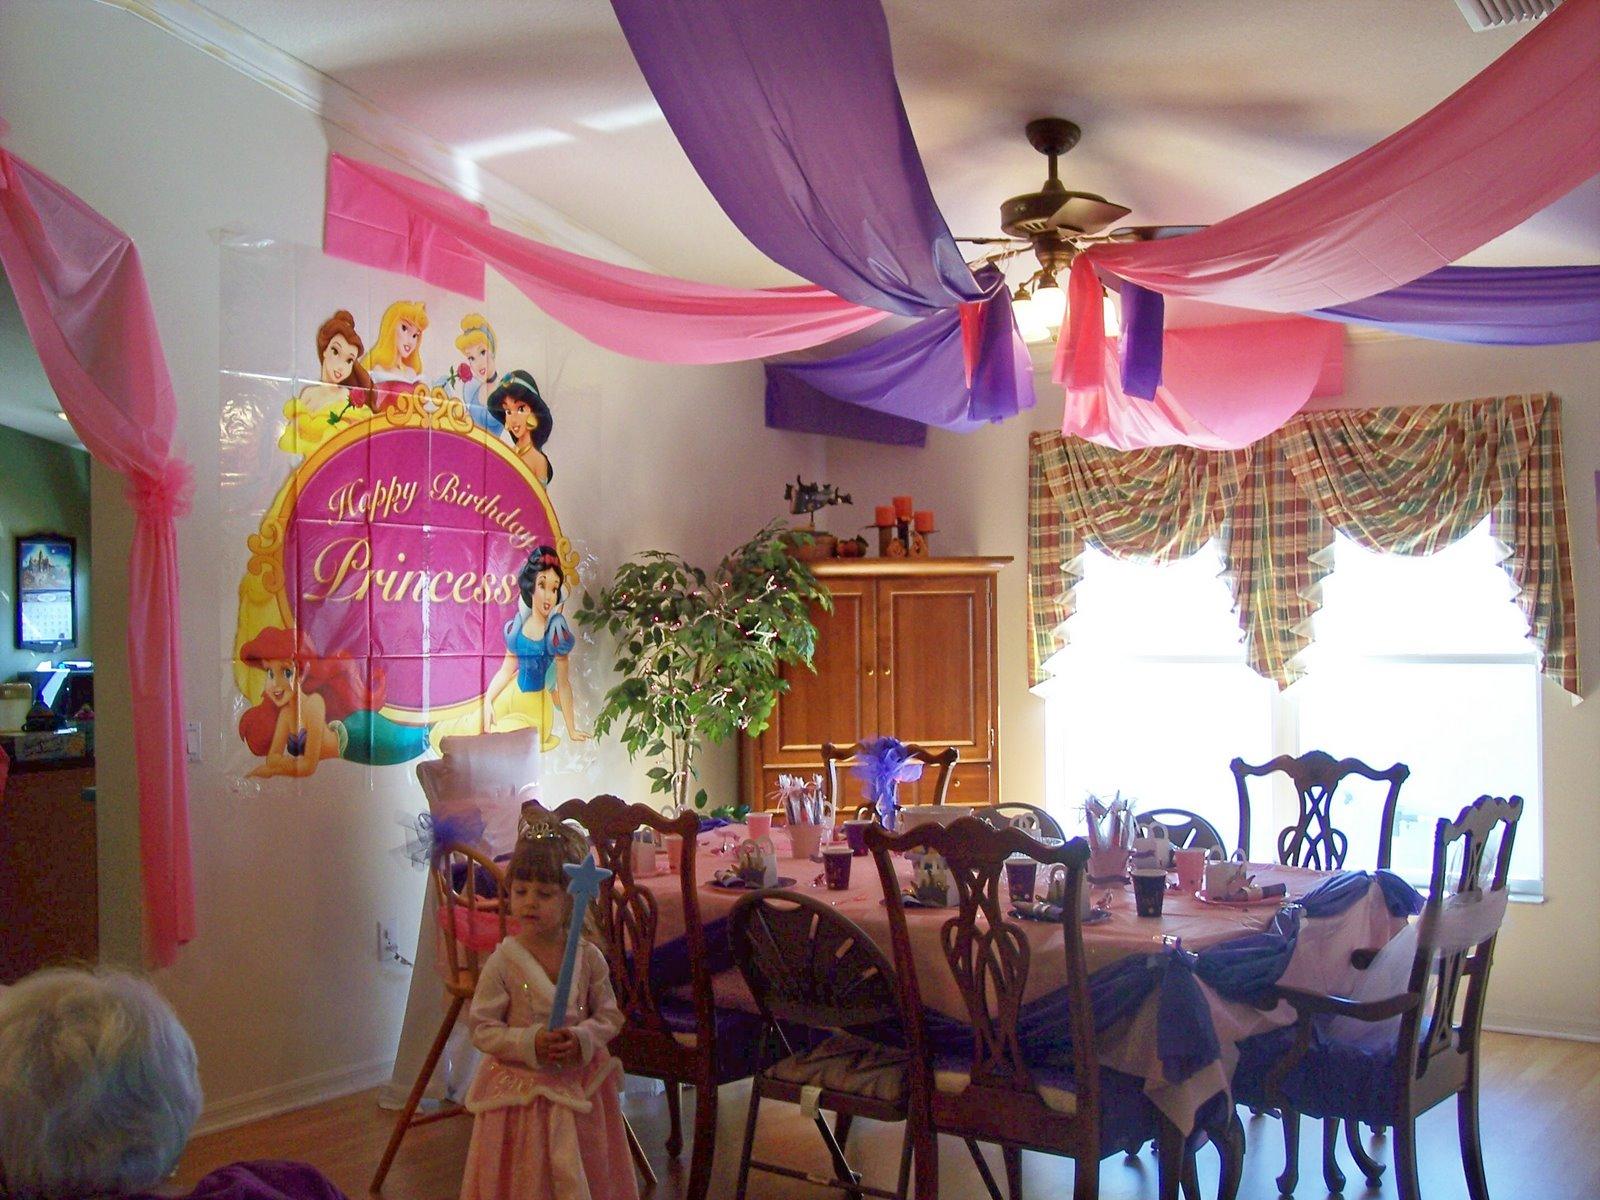 Decoraci n estupenda con manteles de papel o pl stico for Decoracion para aniversario